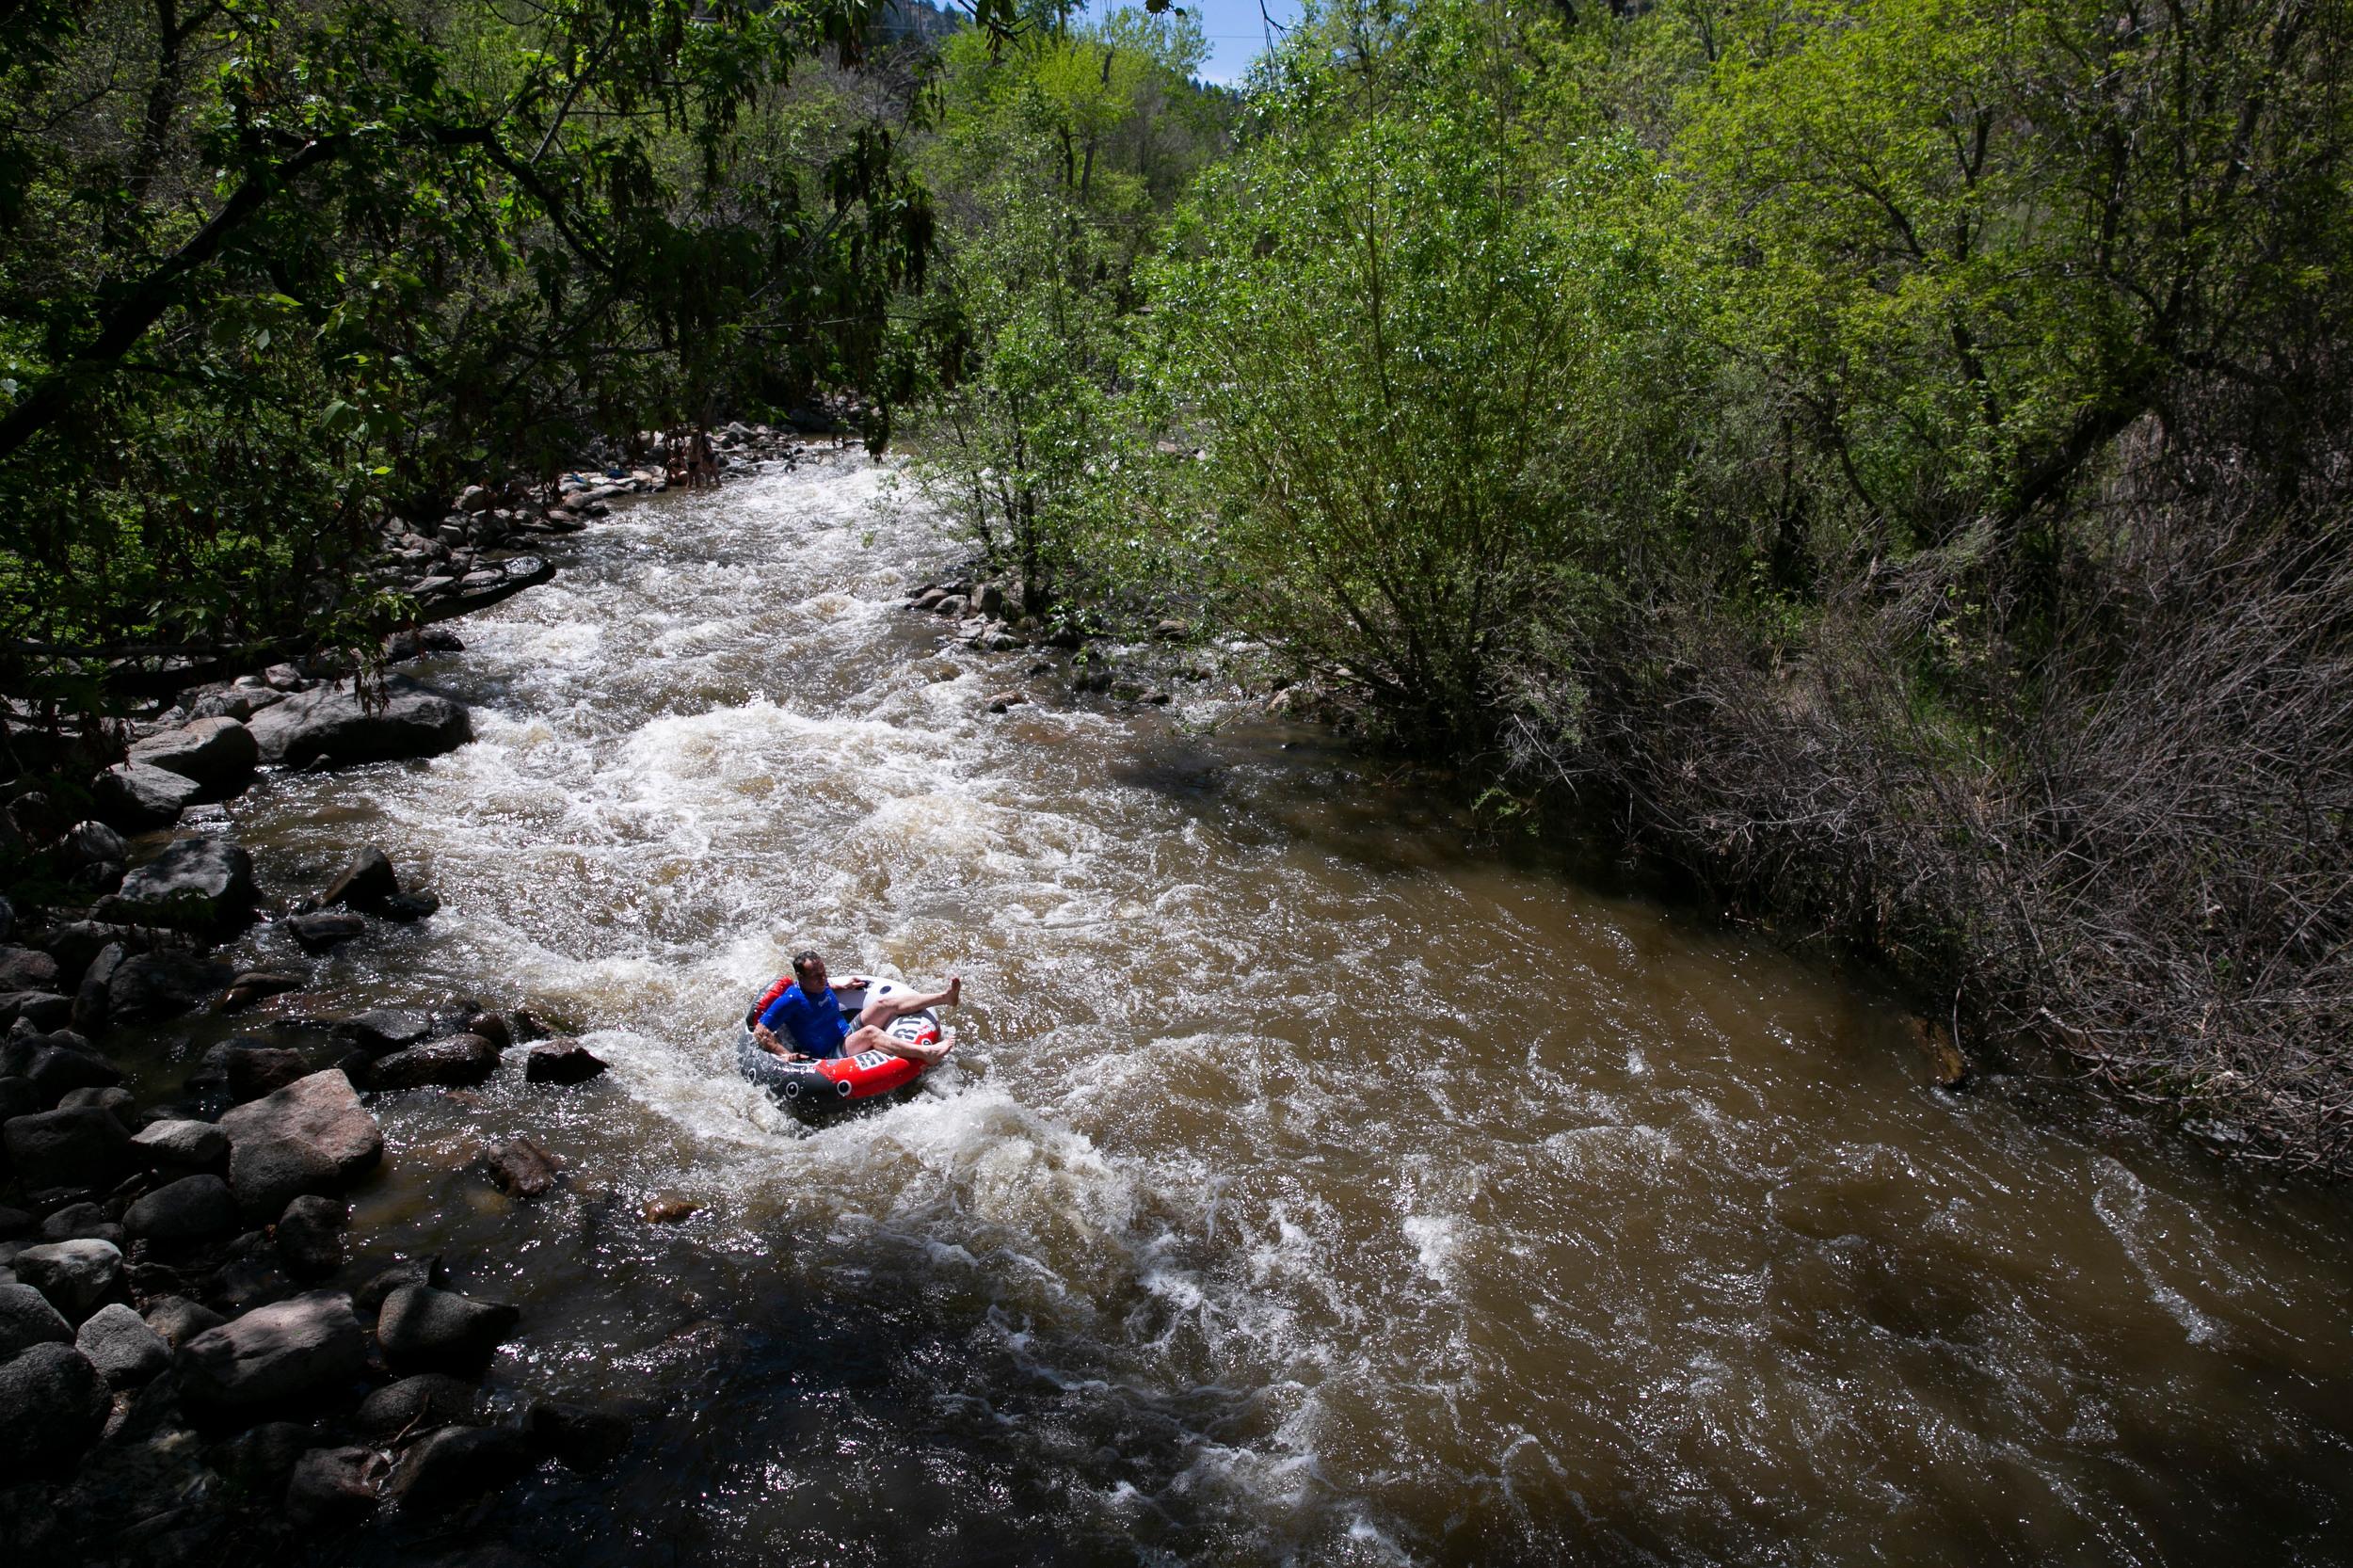 Cooling off in Boulder Creek